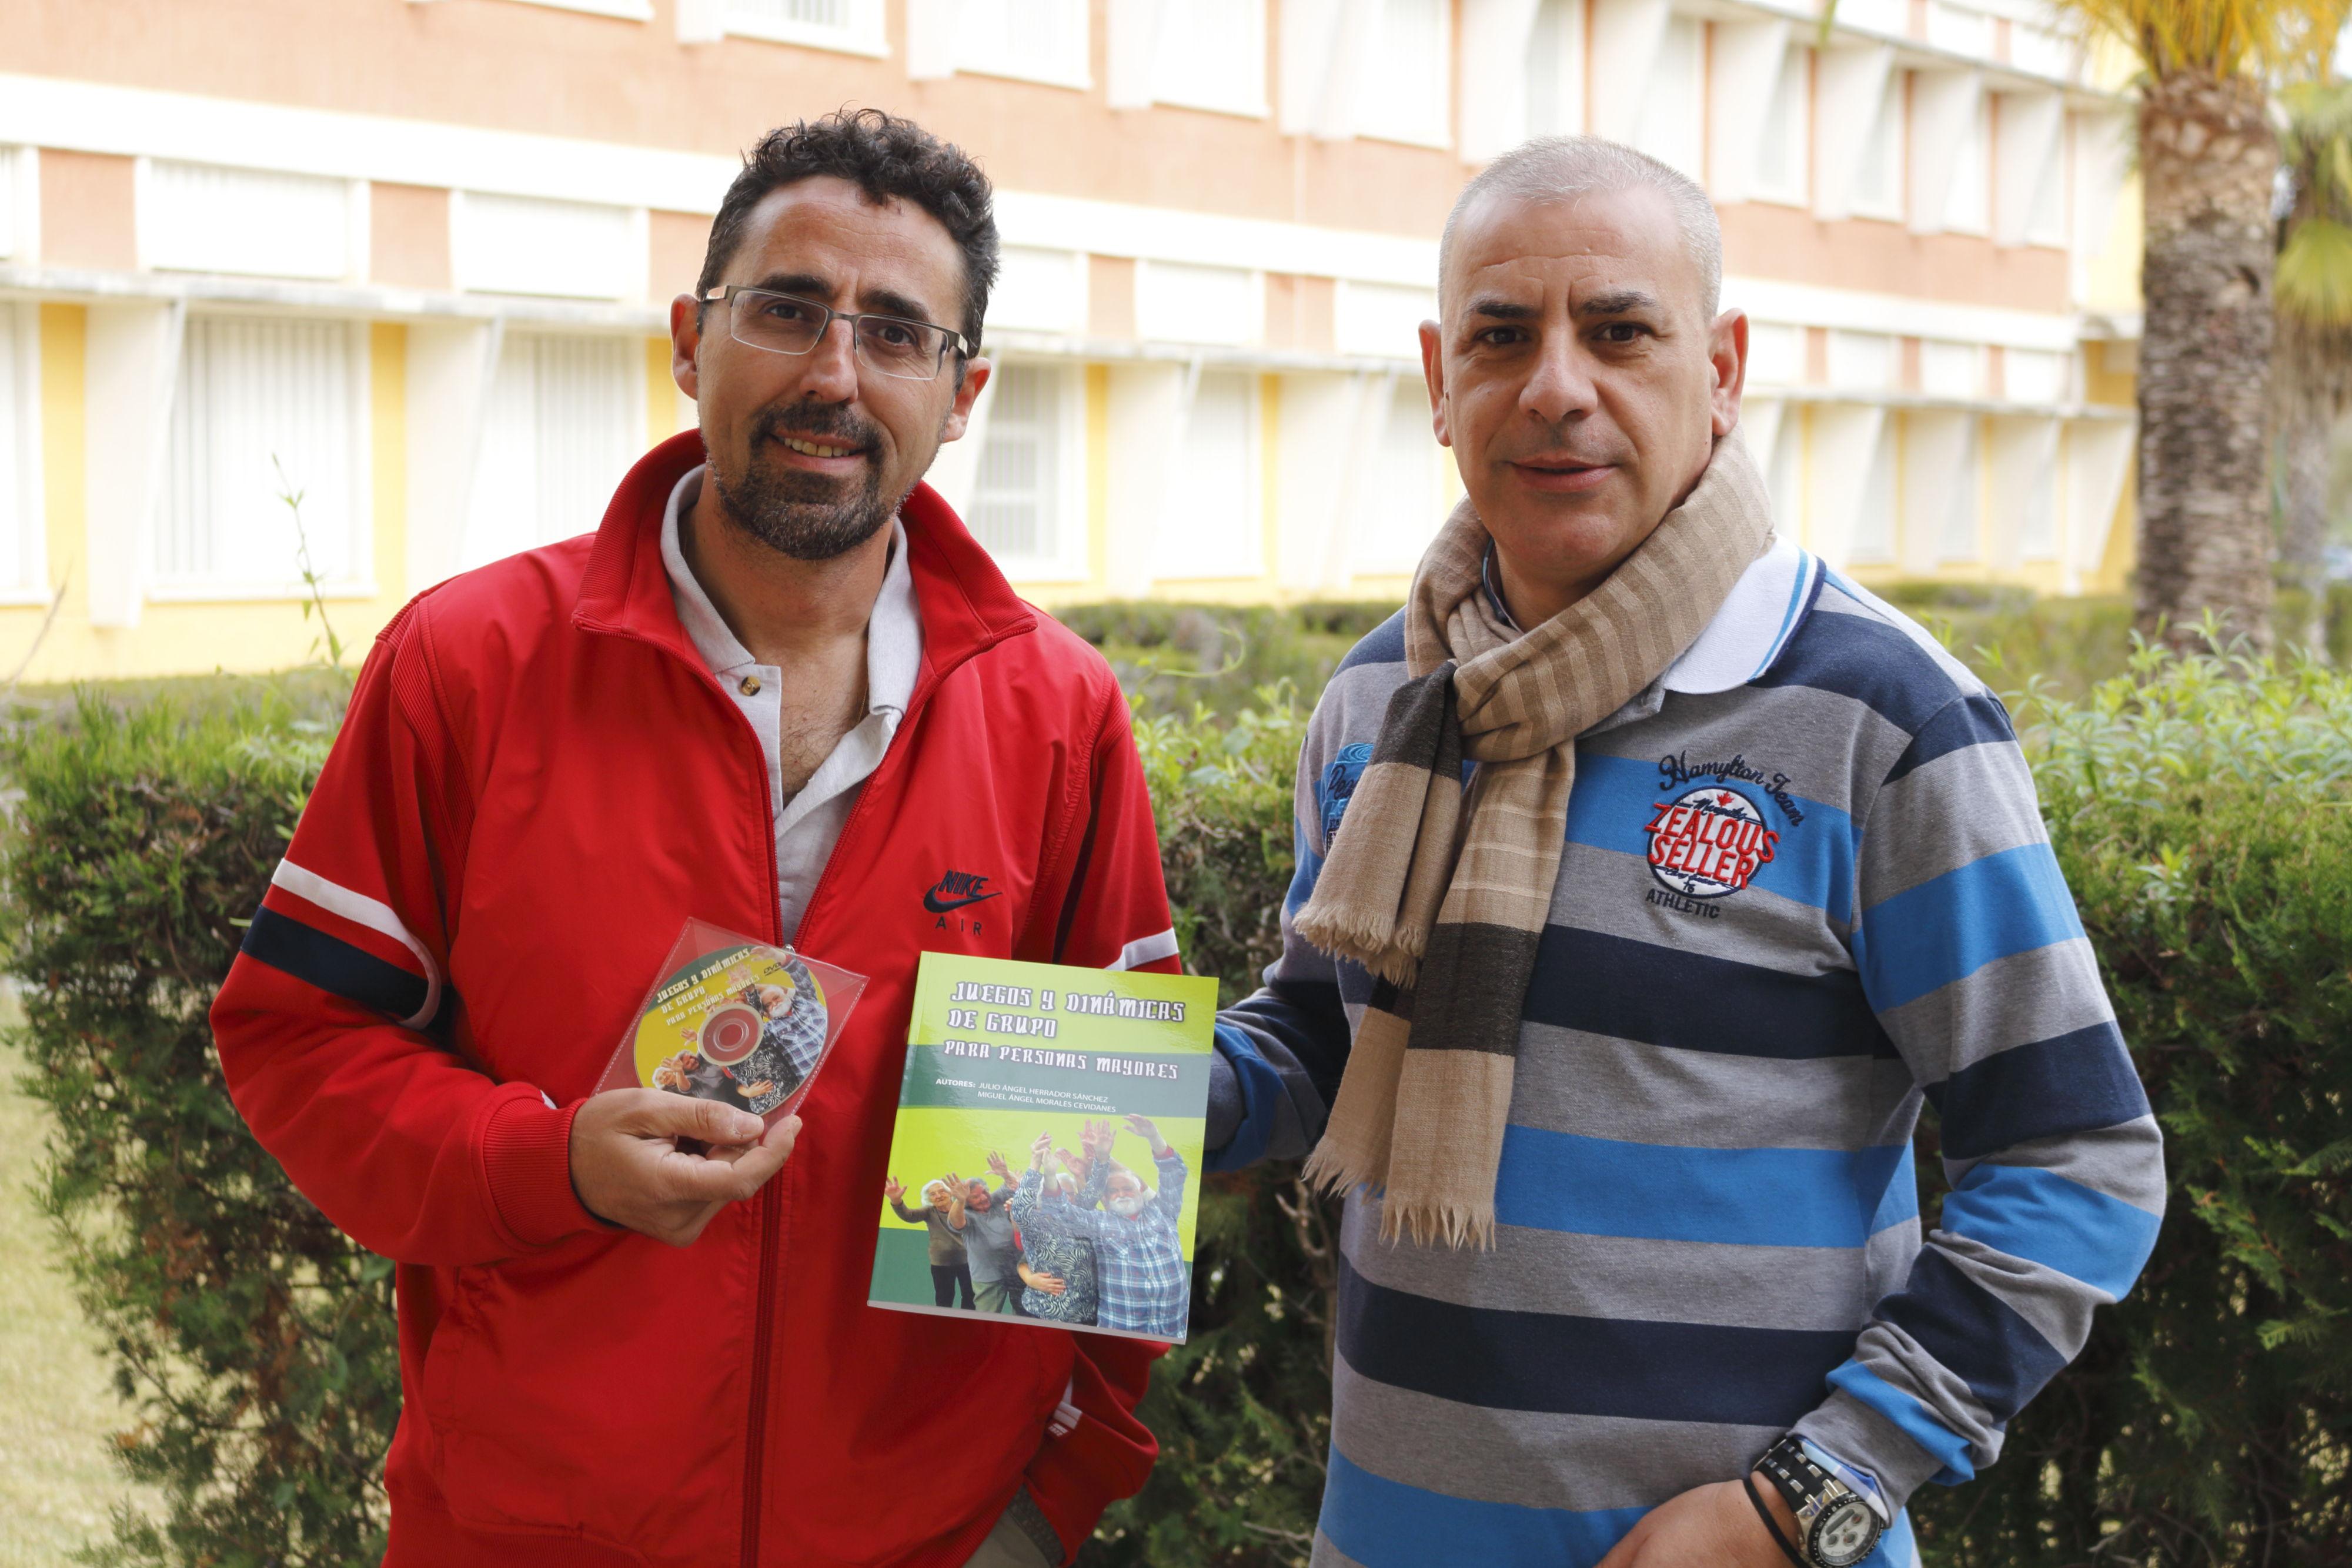 Dos Profesores De La Upo Publican Un Libro Sobre Juegos Y Dinamicas